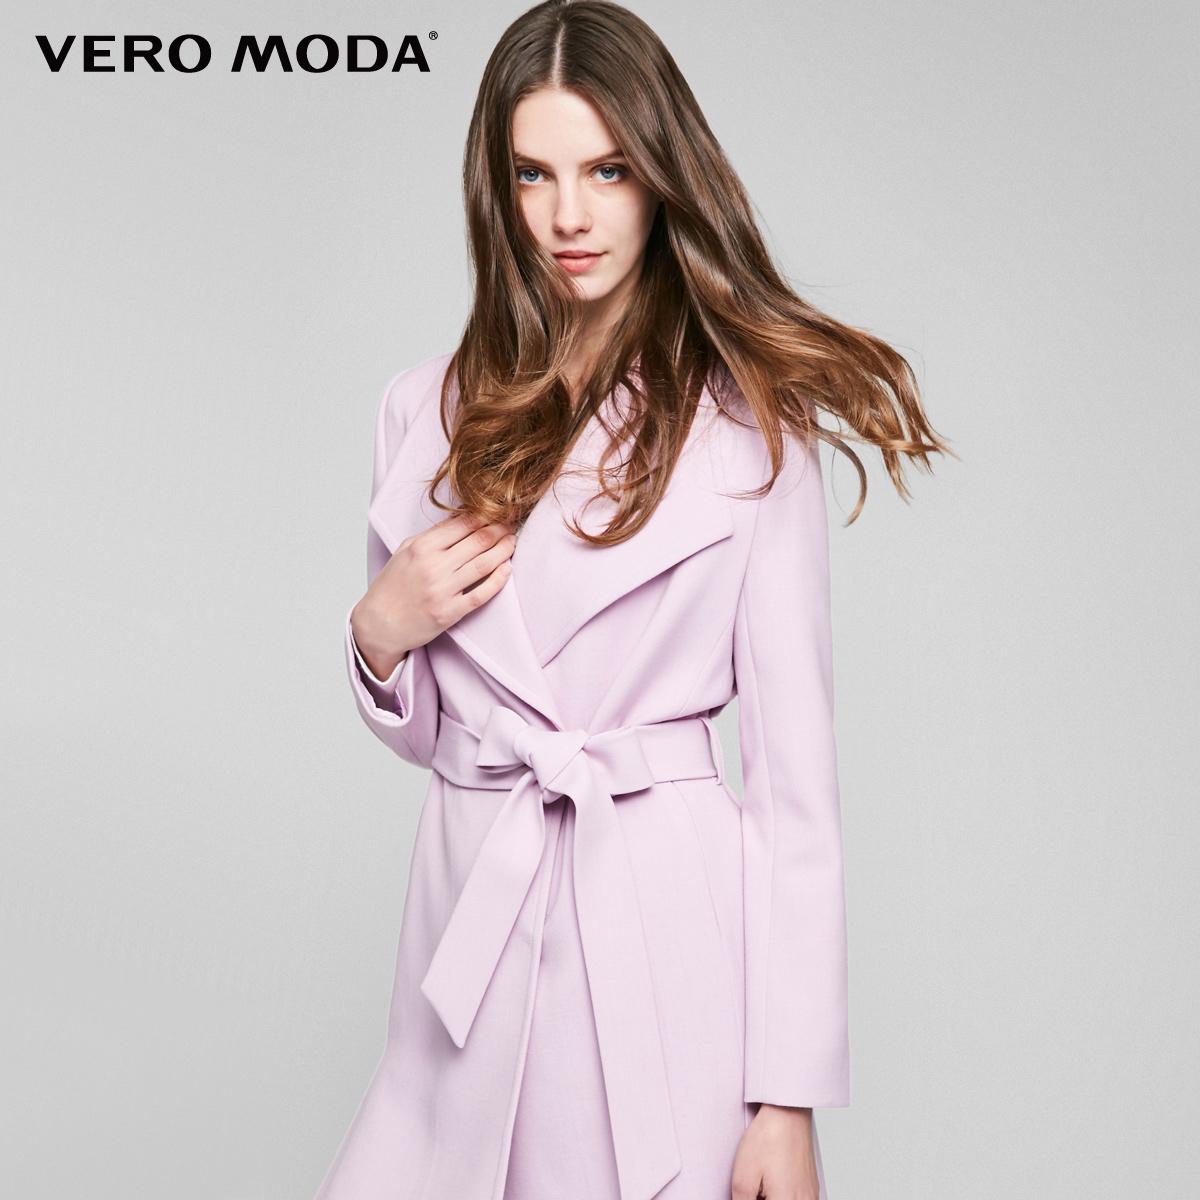 VeroModa2017新品翻领暗扣门襟系带中长款风衣外套|317121508